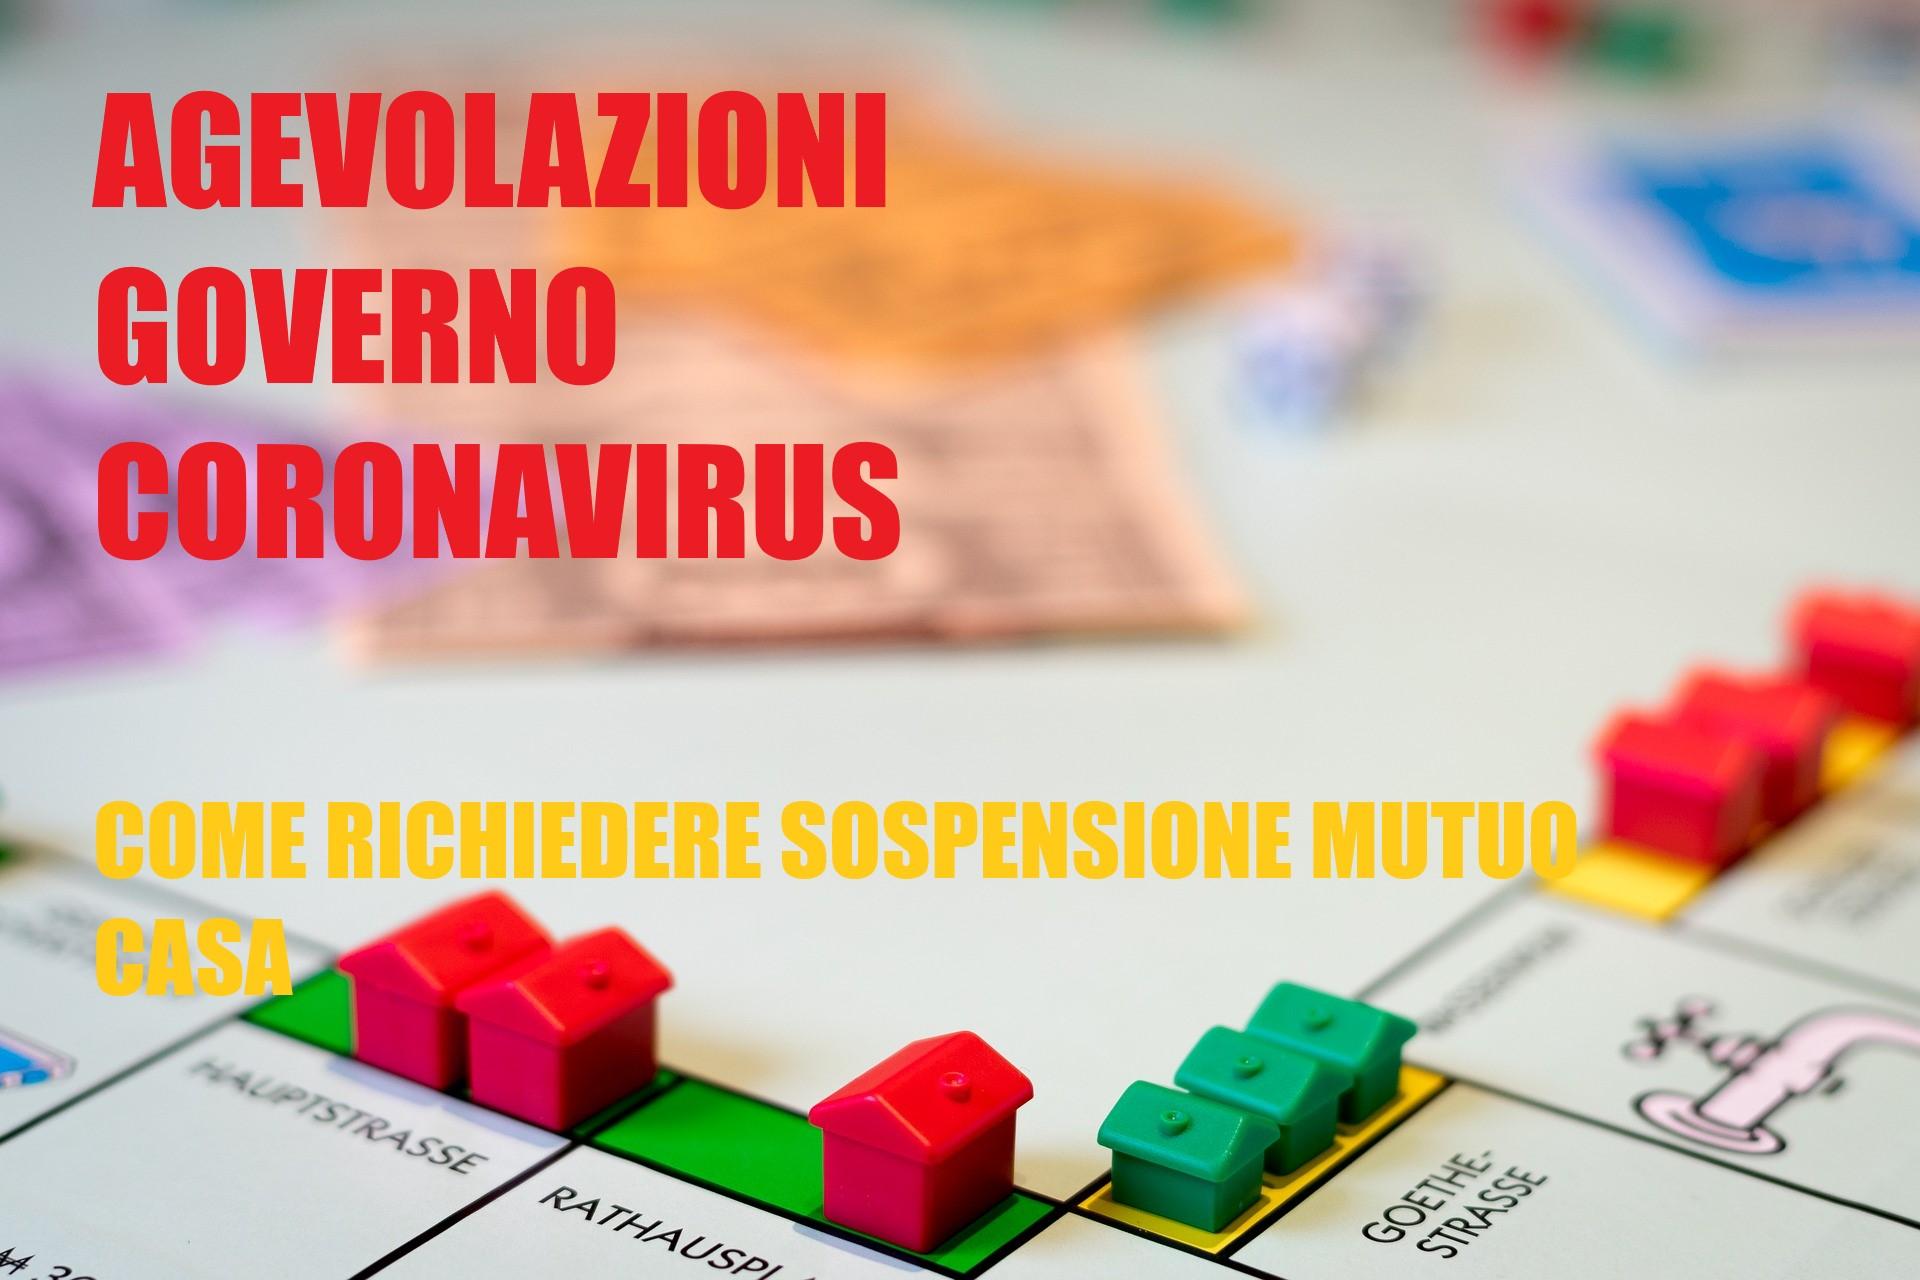 Agevolazioni Governo Coronavirus: Sospensione Mutuo Casa